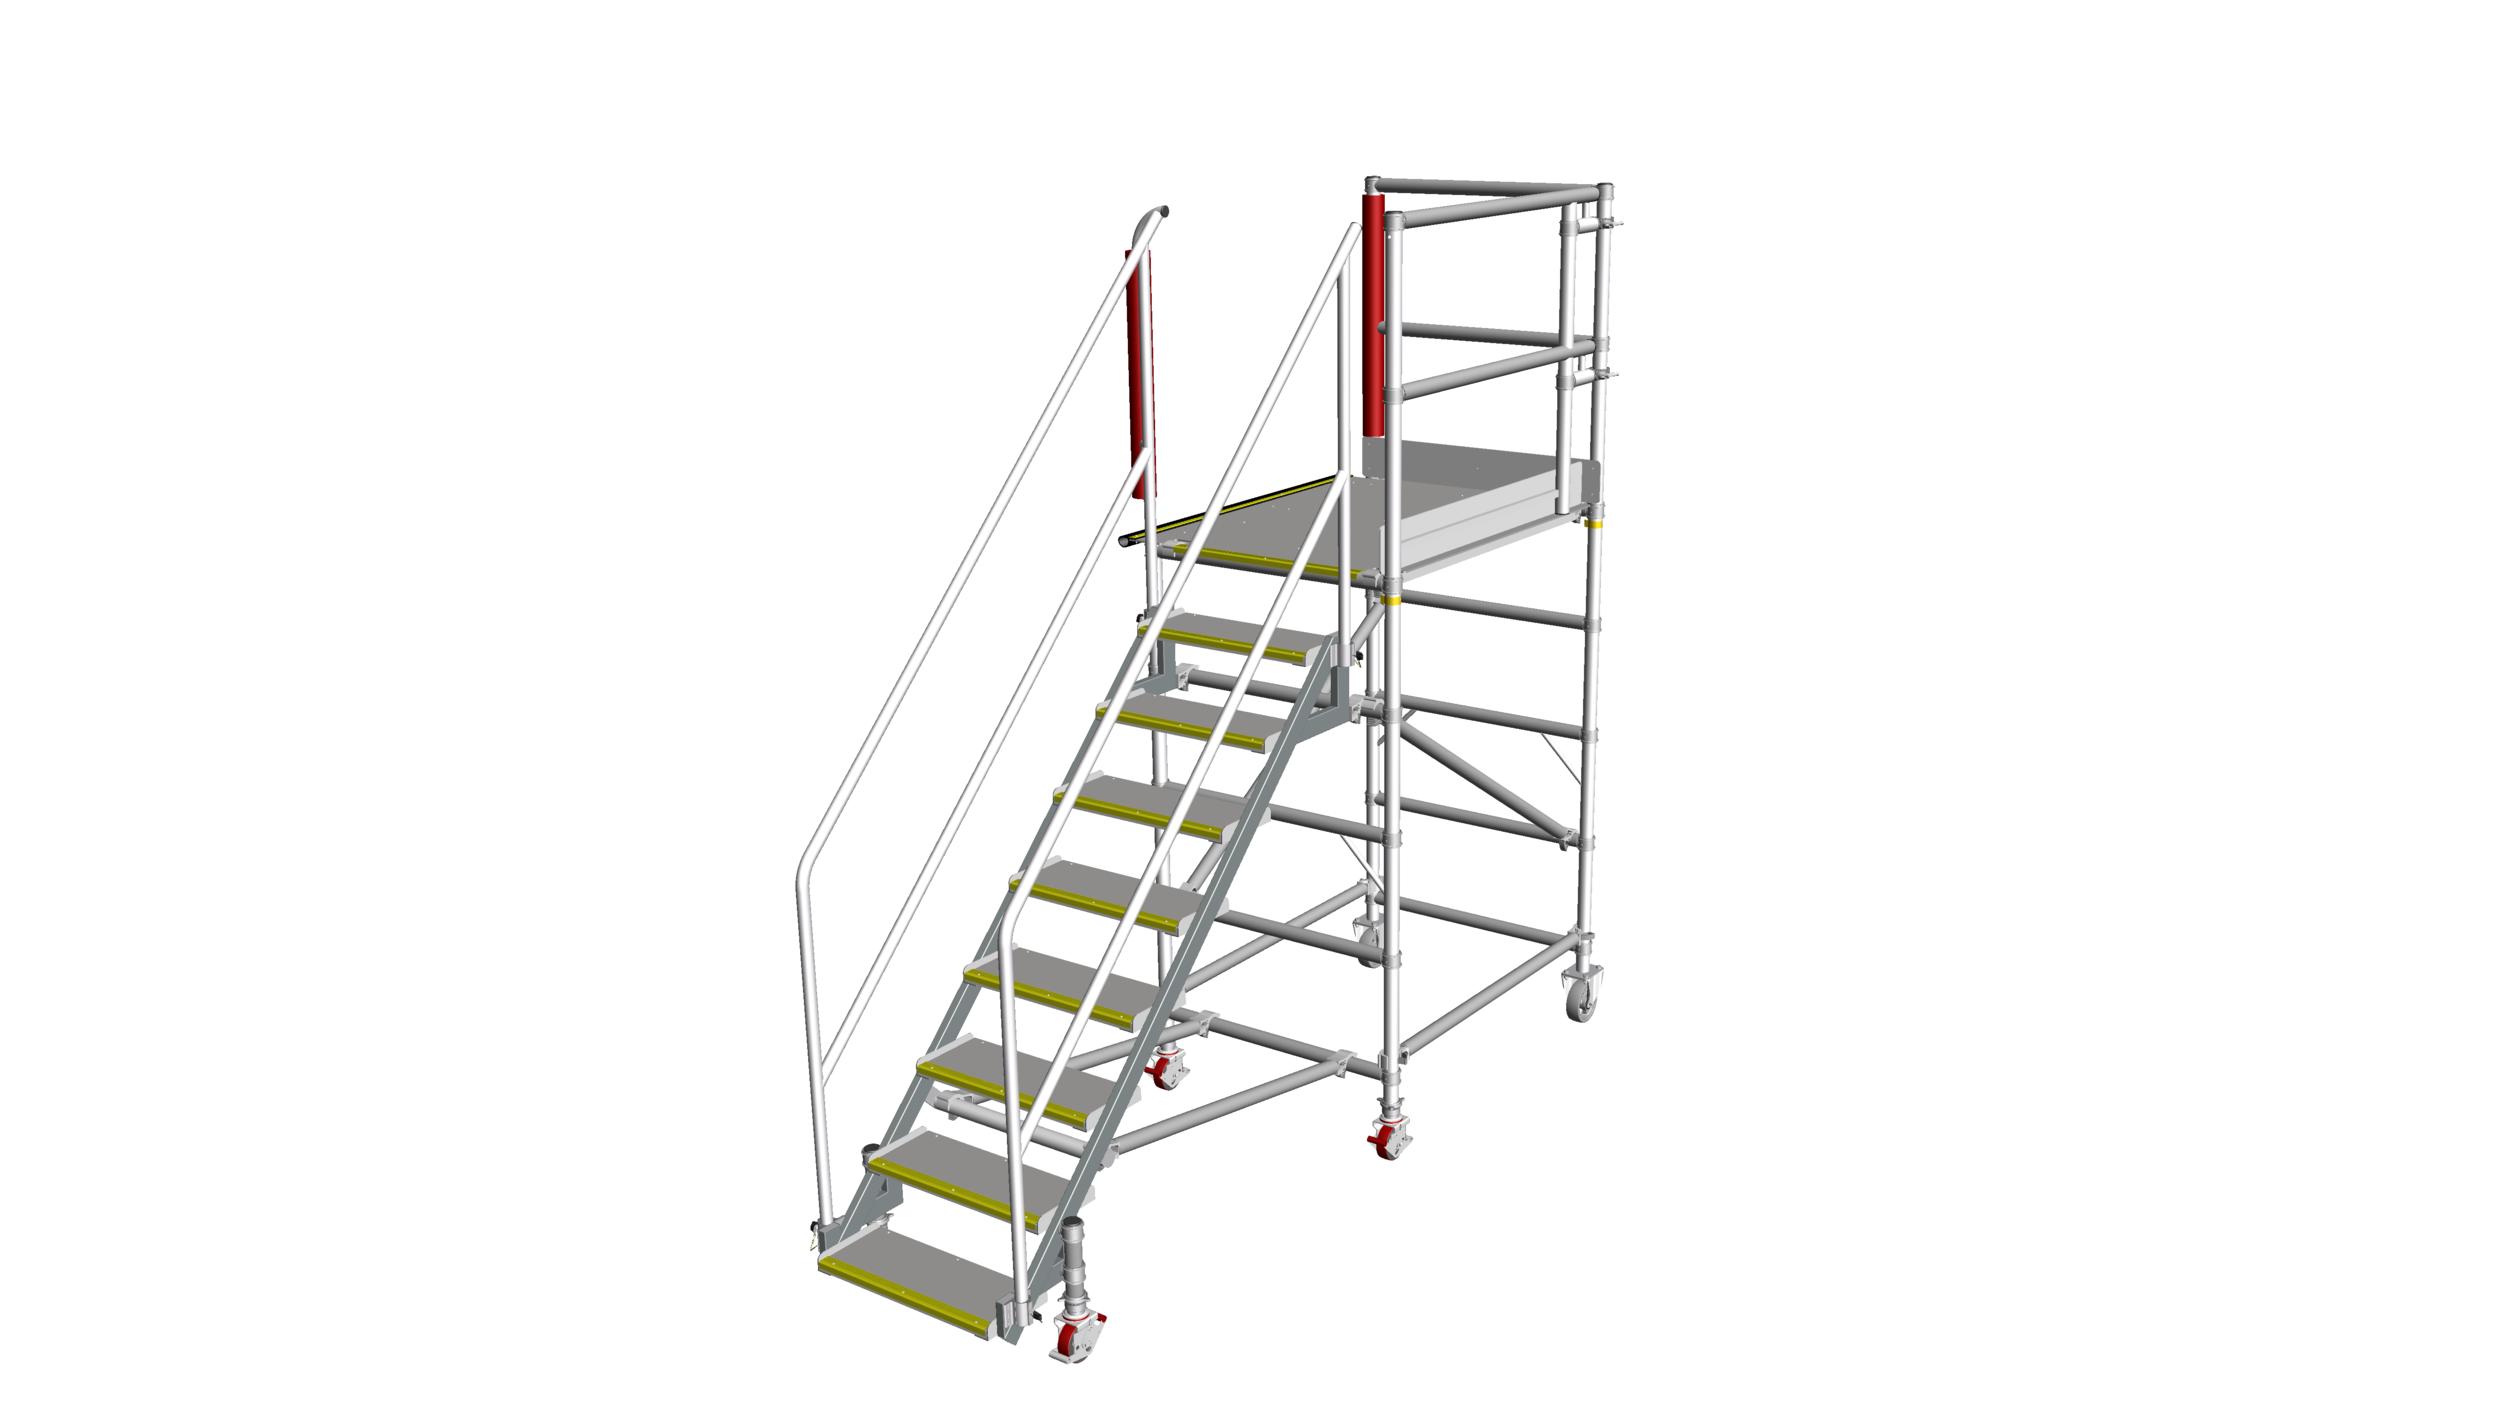 25. High level platform steps